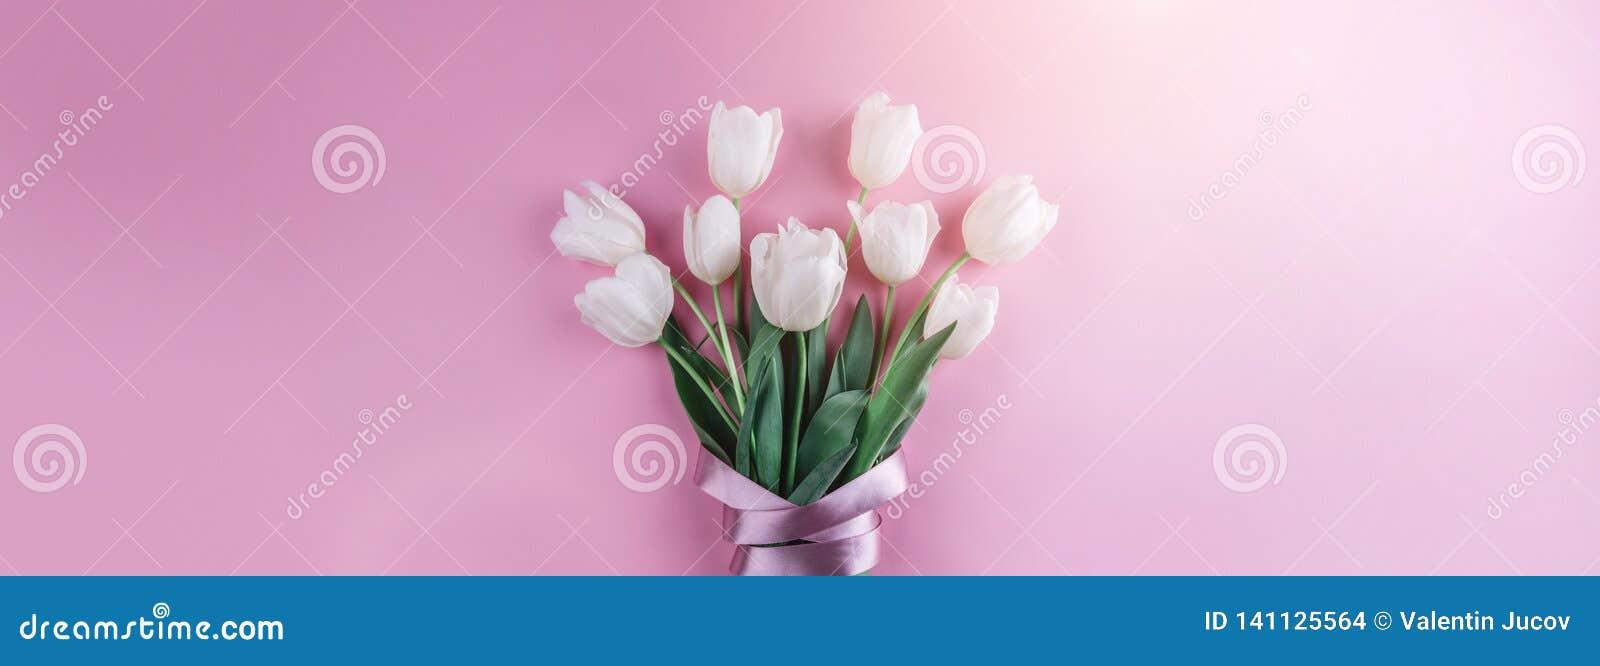 白色郁金香花花束在桃红色背景的 卡片为母亲节,复活节快乐3月8日, 等待的春天